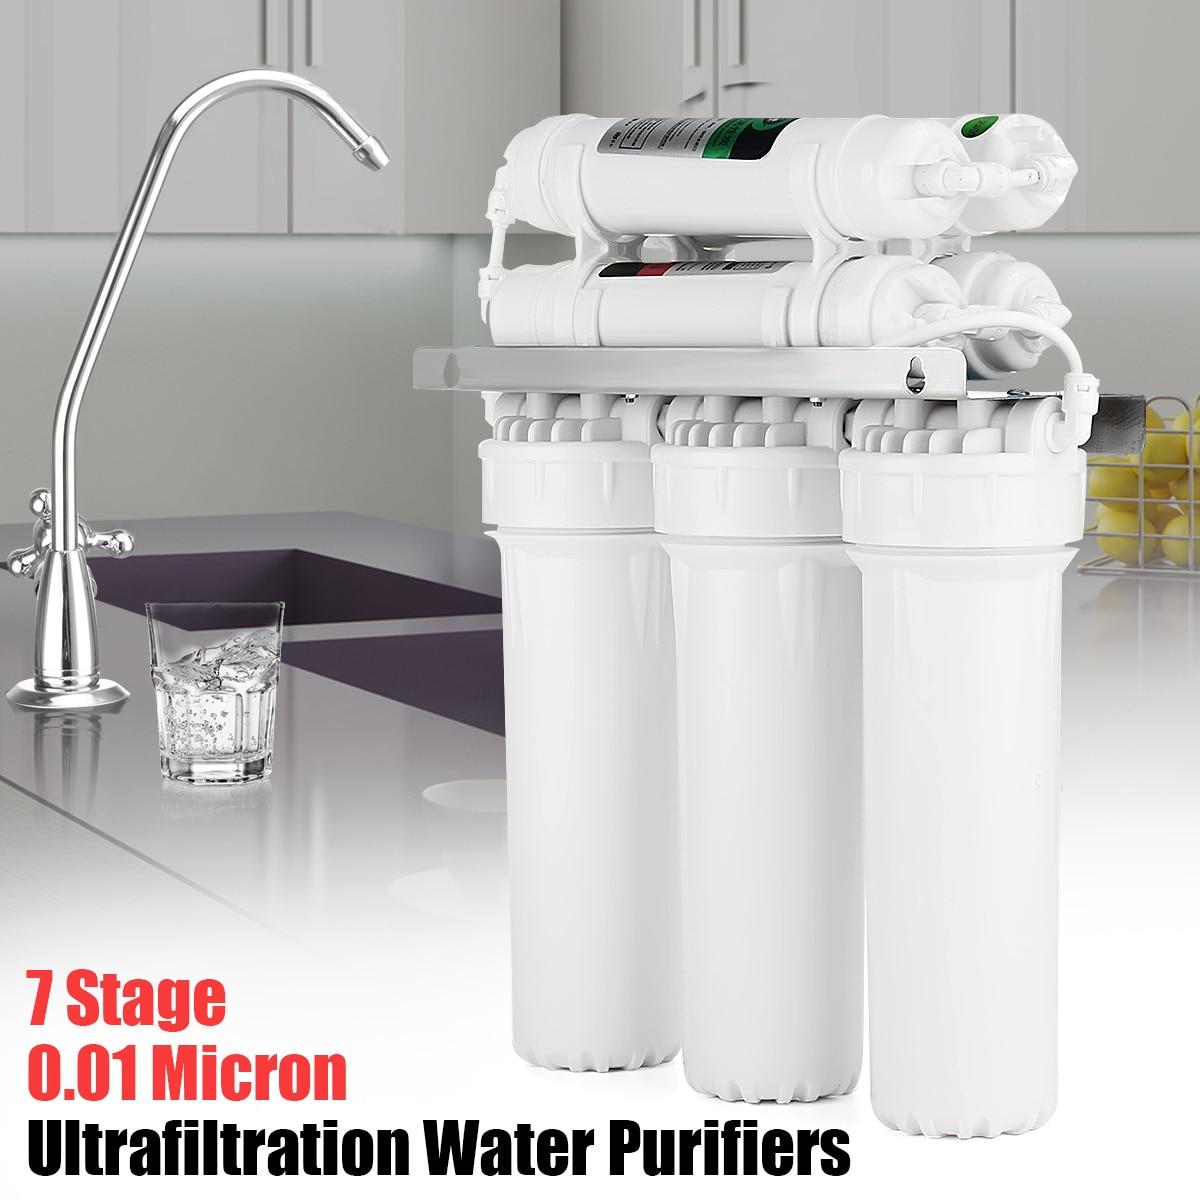 7-fase di Sistema di Filtraggio Dell'acqua Con Valvola Del Rubinetto Tubo di Acqua Potabile Ultrafiltrazione Sistema di Cucina di Casa Depuratore di Acqua Filtri